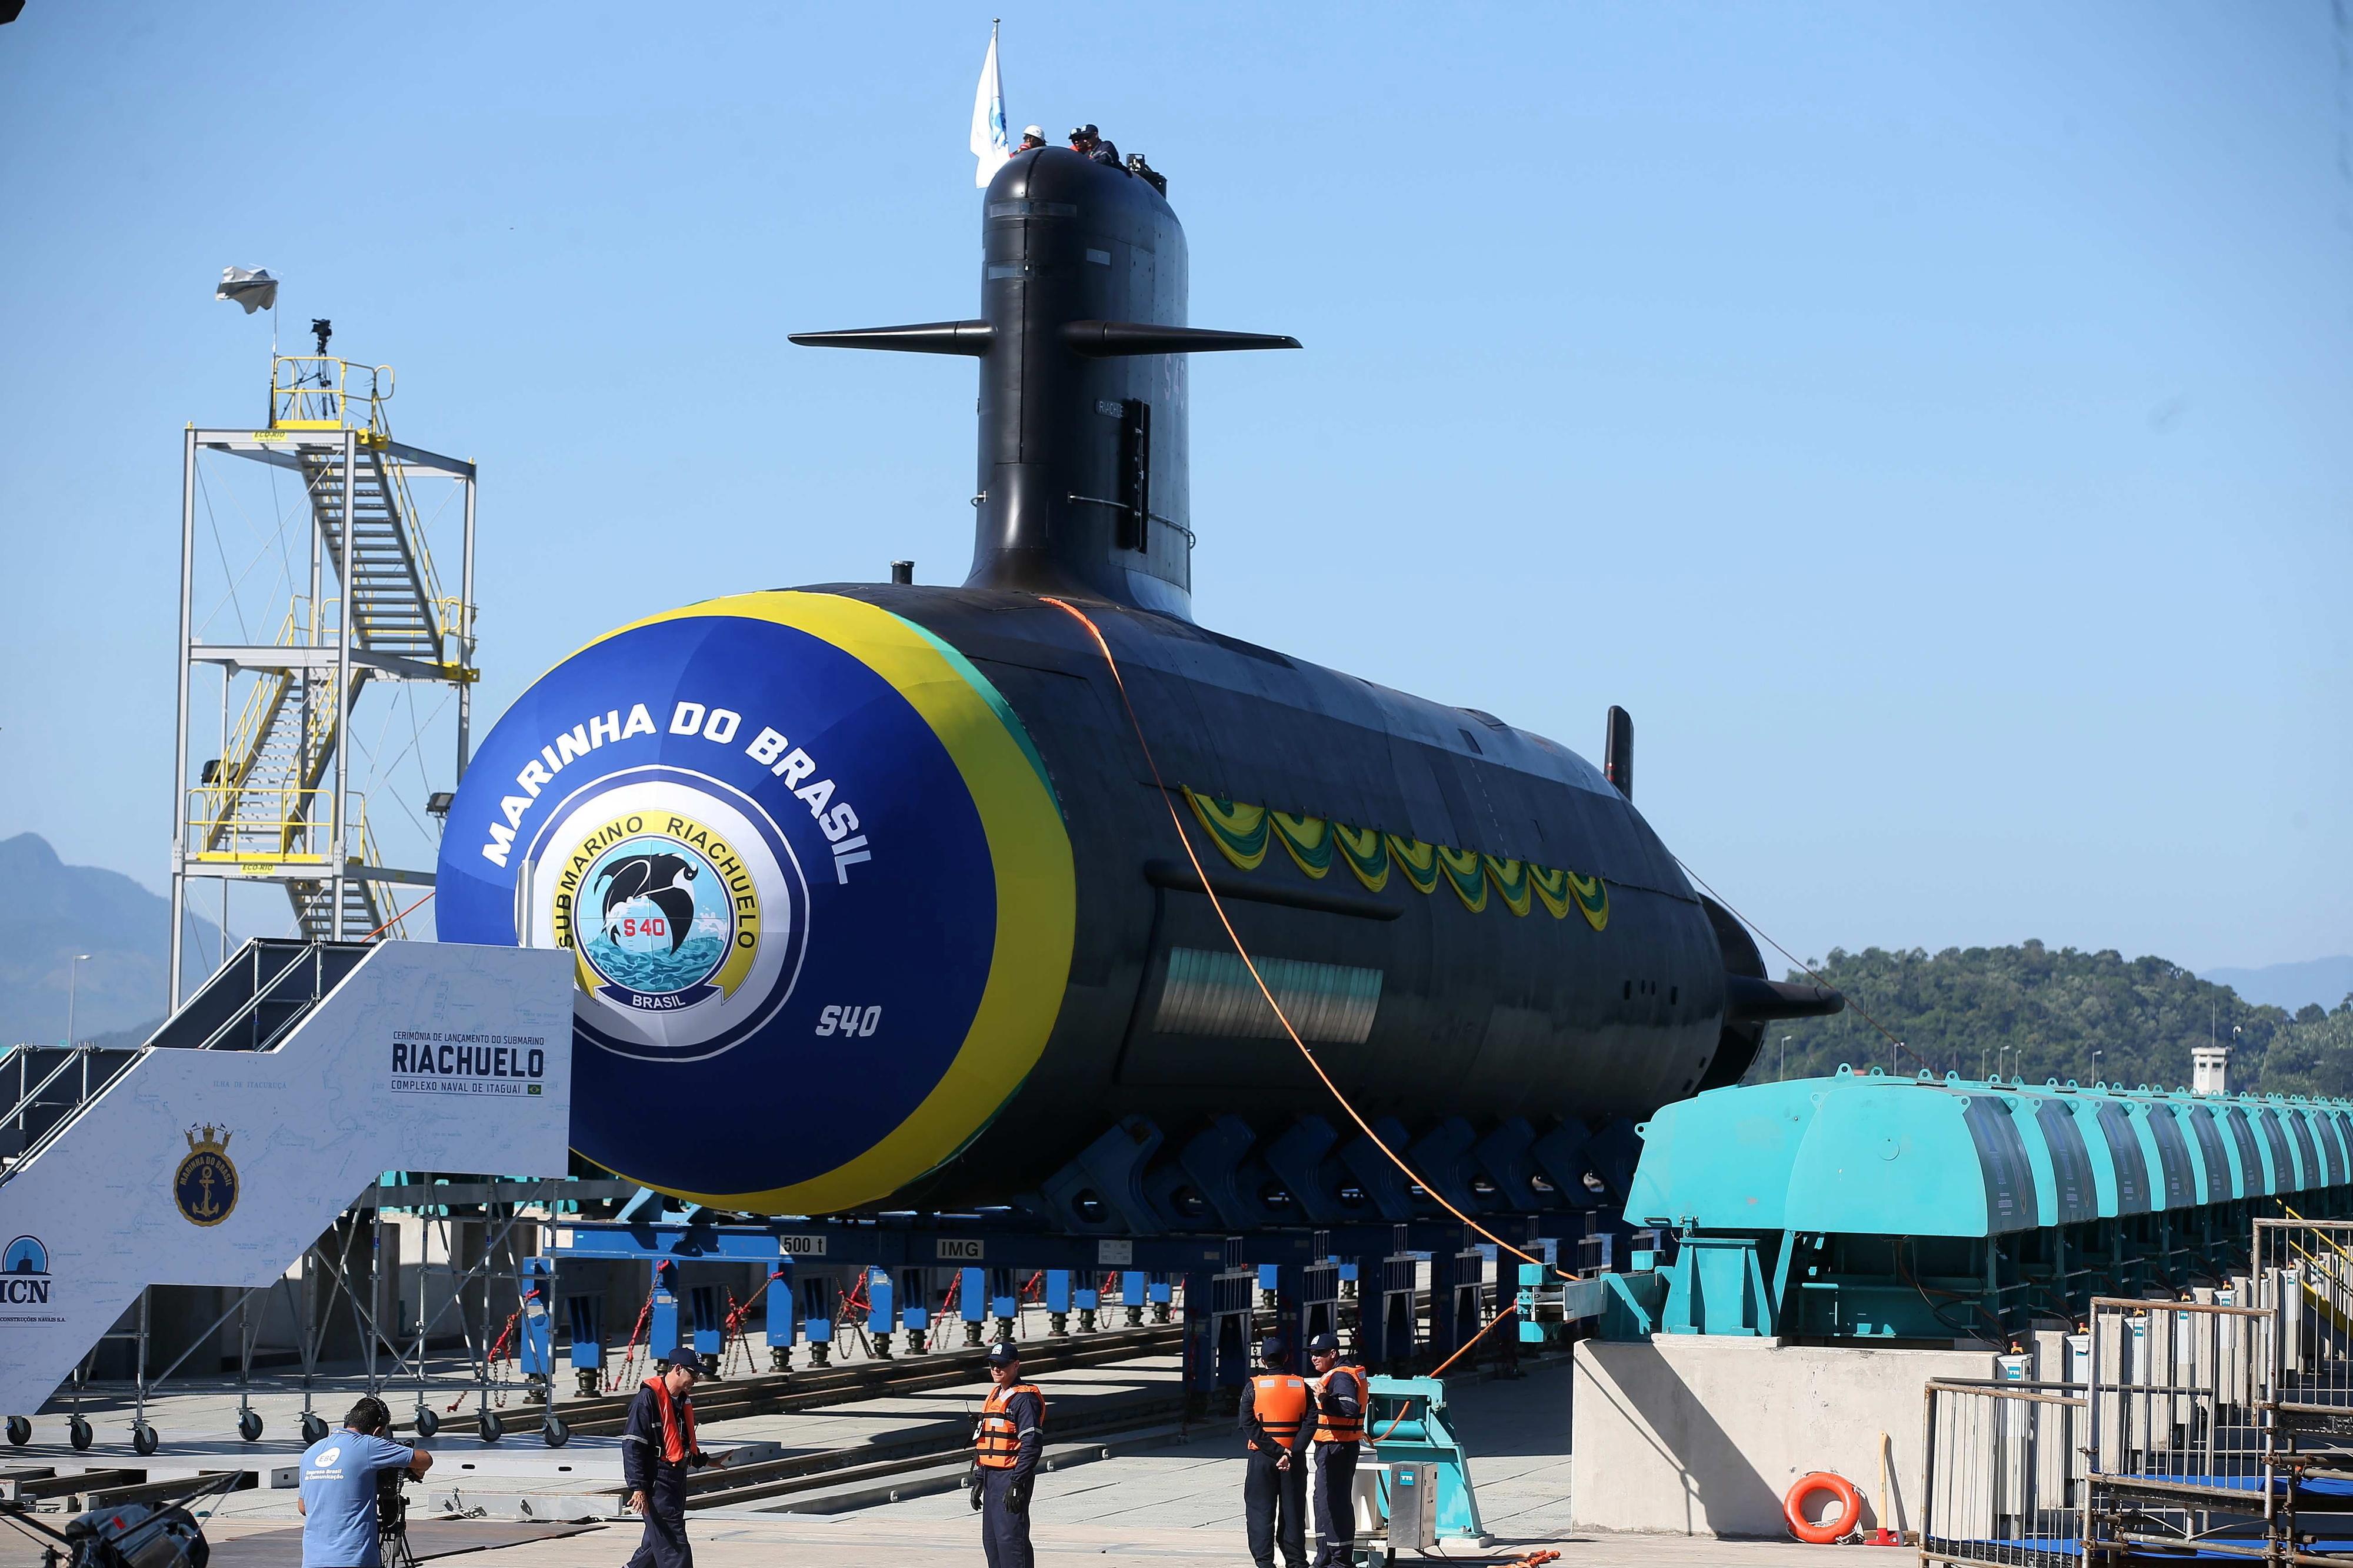 PR brasileiro diz que programa de submarinos é apenas para defesa da soberania